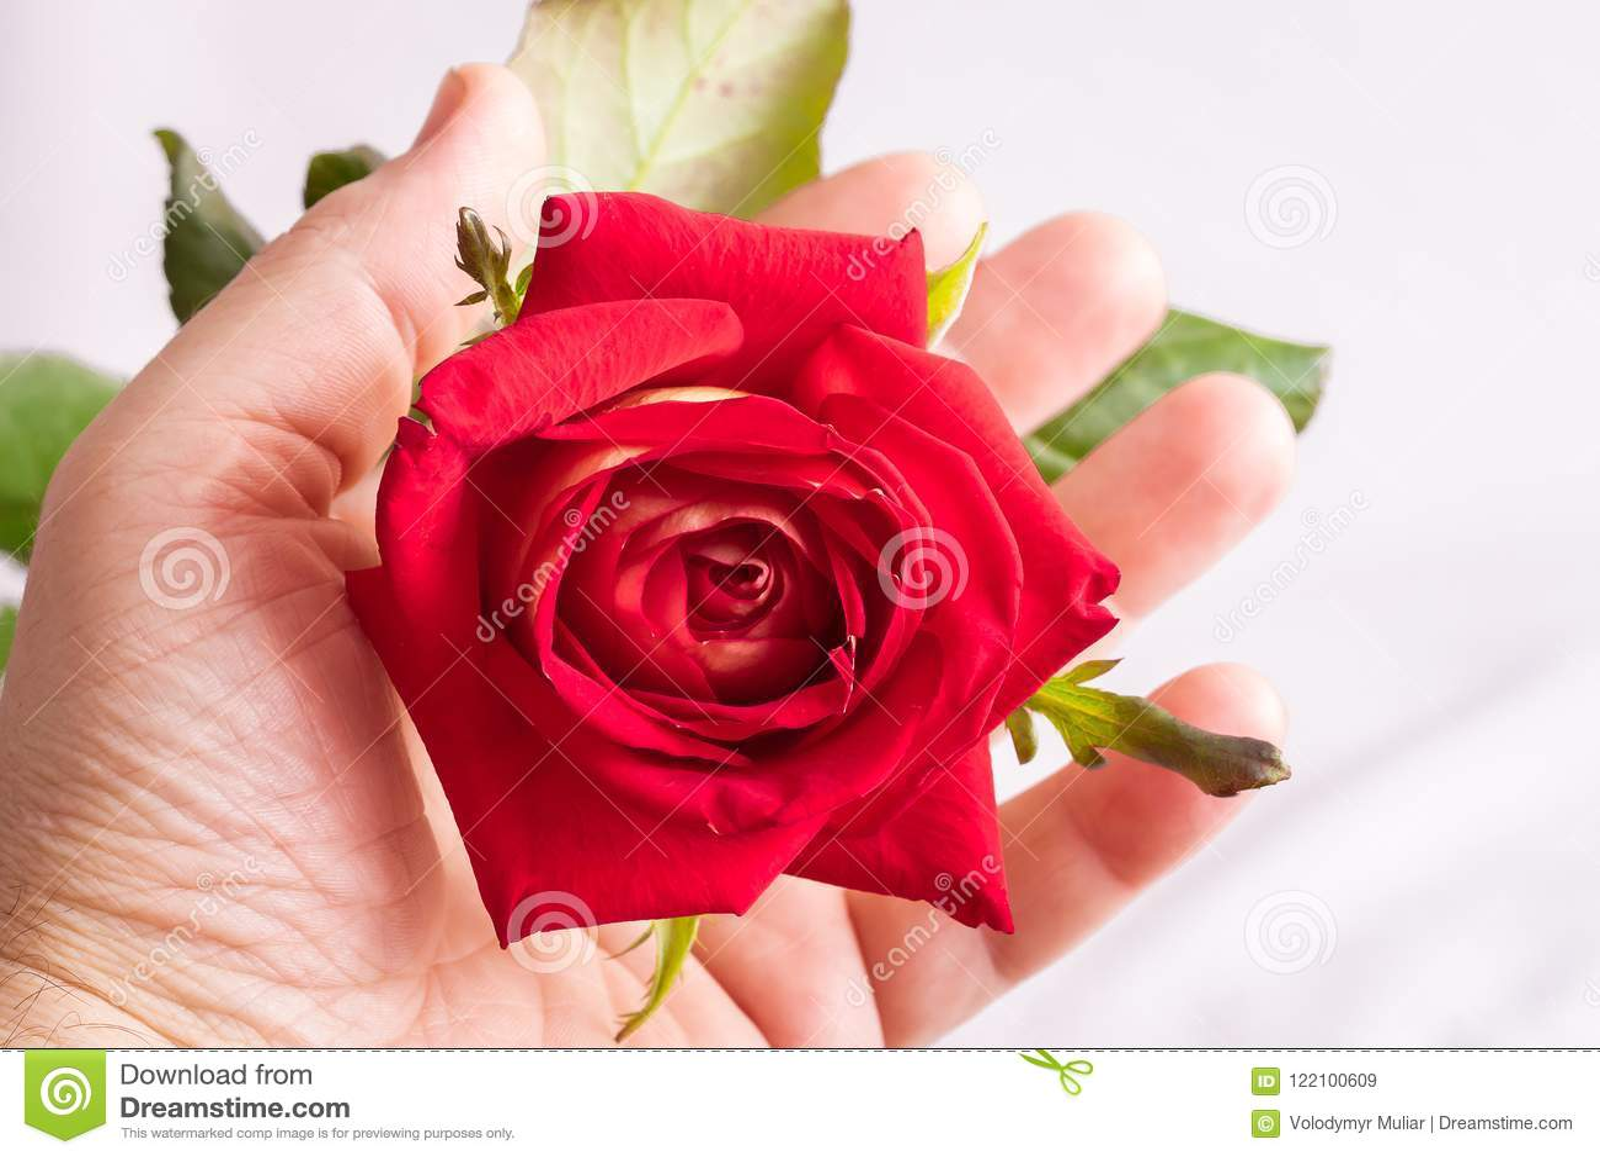 Ένα άτομο κρατά ότι ένα κόκκινο αυξήθηκε στο χέρι του Θαυμασμός της ομορφιάς του flowe